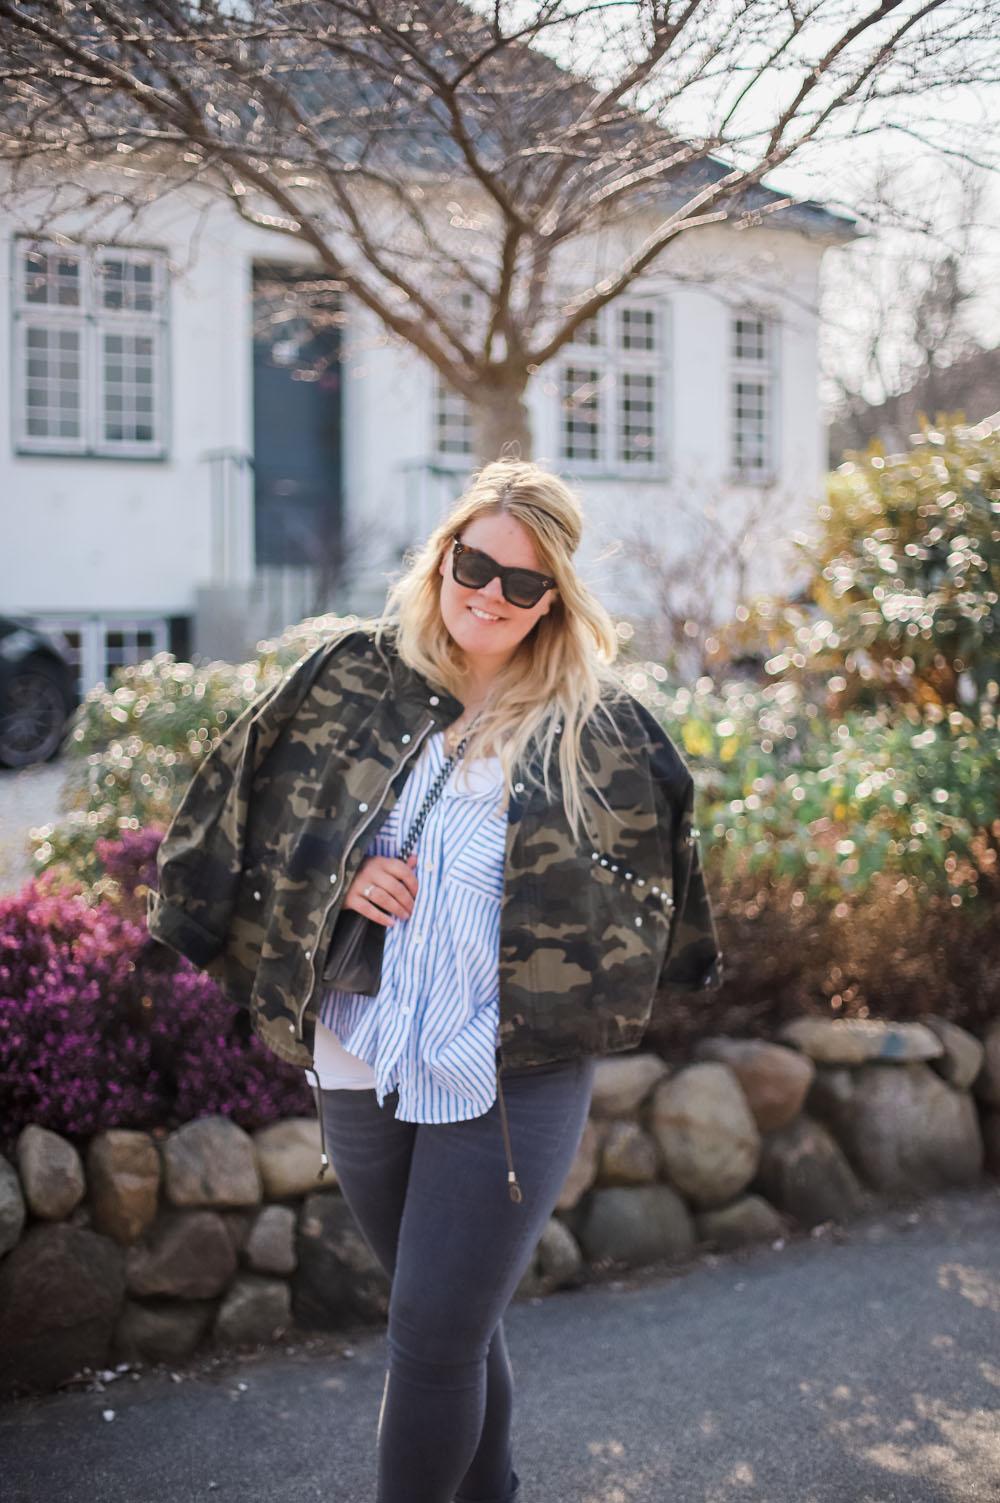 army-jakke-jeans-skjorte-loafers-5-of-5